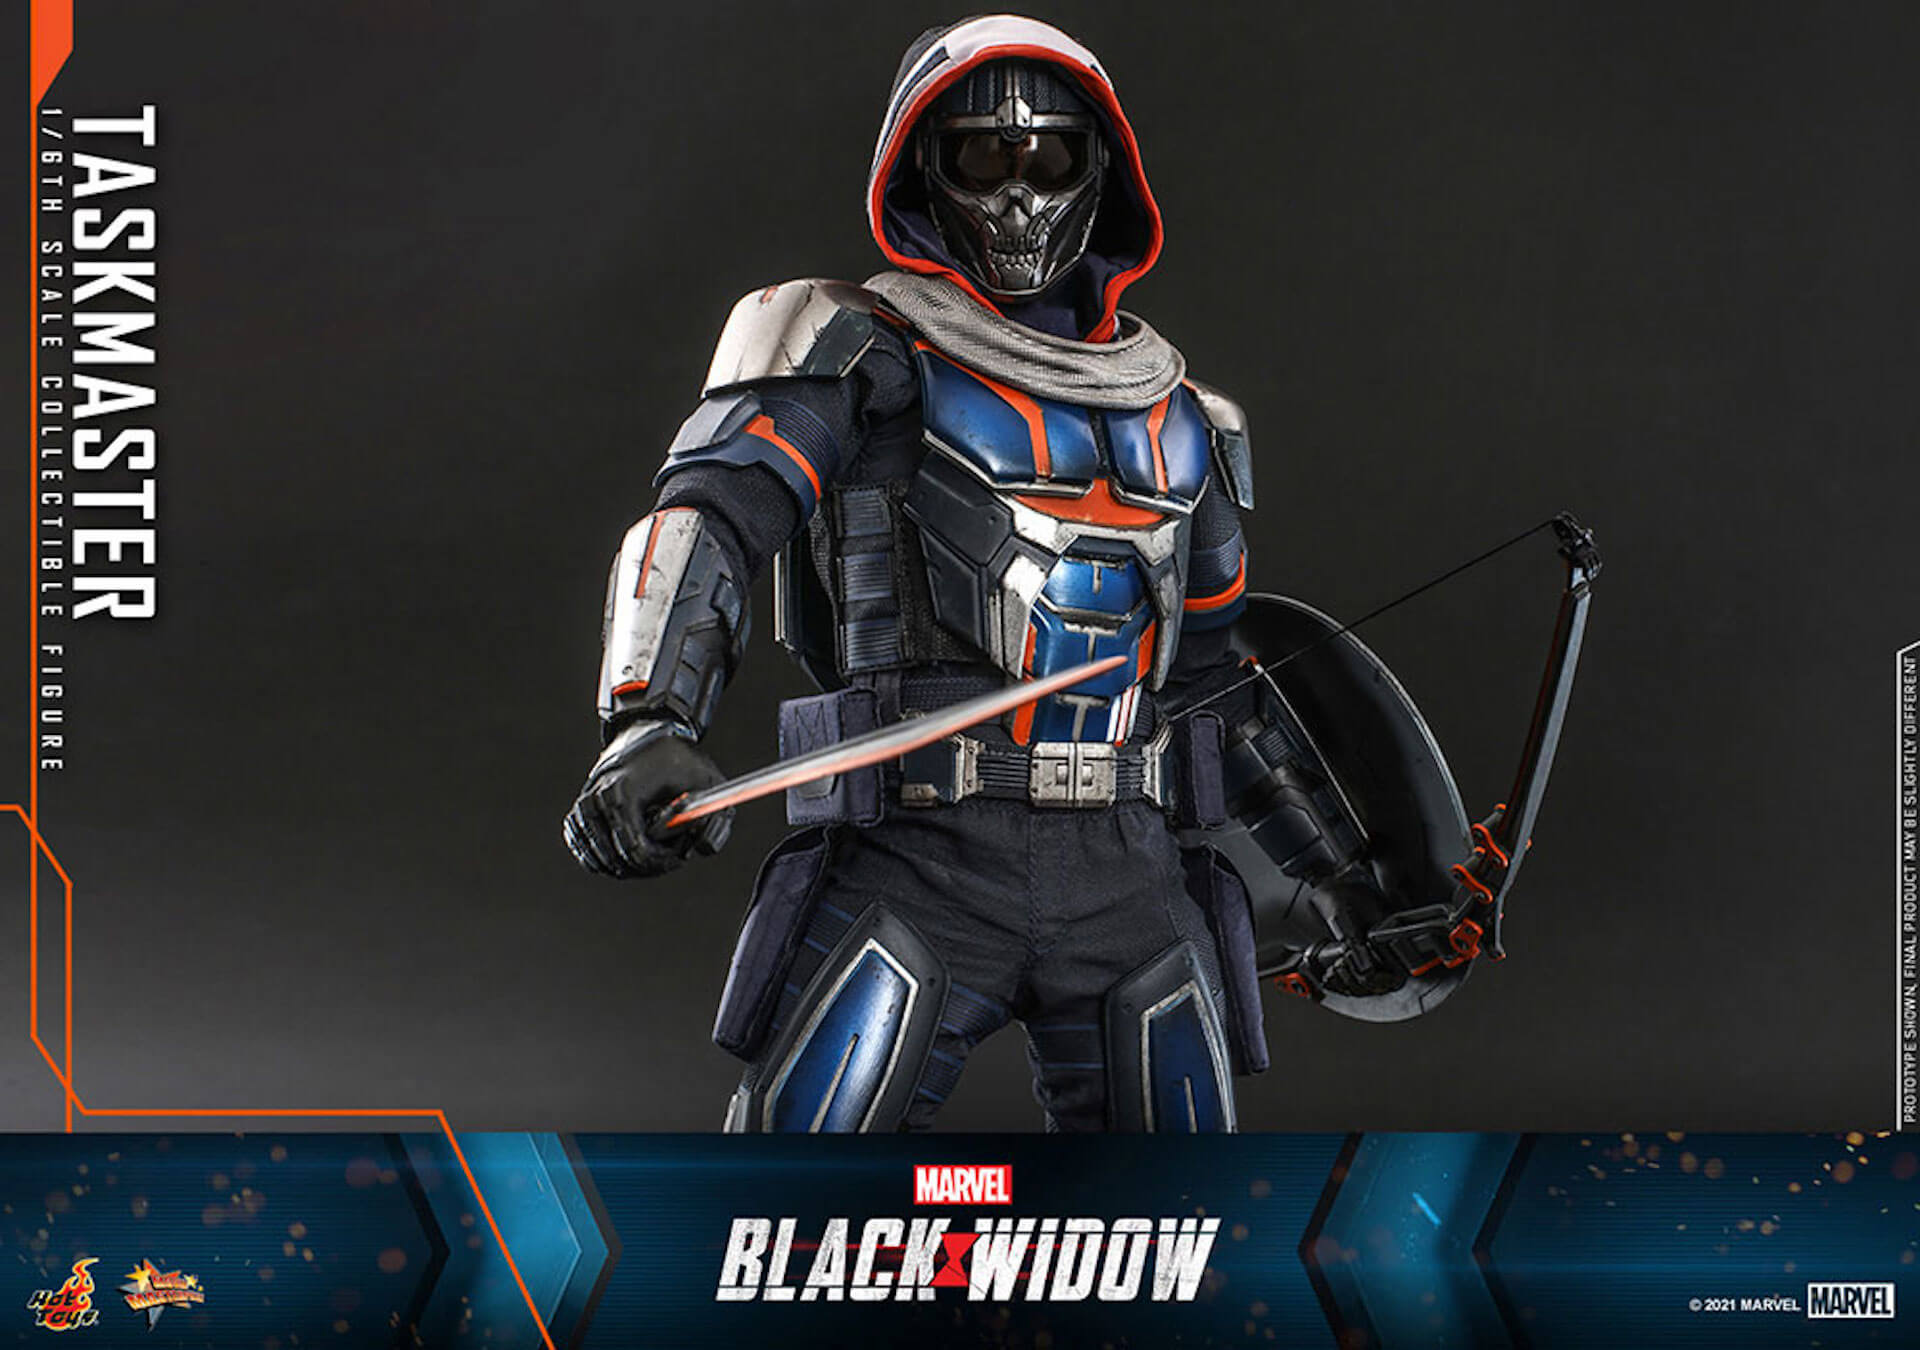 マーベル・スタジオ『ブラック・ウィドウ』のブラック・ウィドウ&タスクマスターがホットトイズの1/6スケールフィギュアになって登場! art210618_hottoys_blackwidow_2